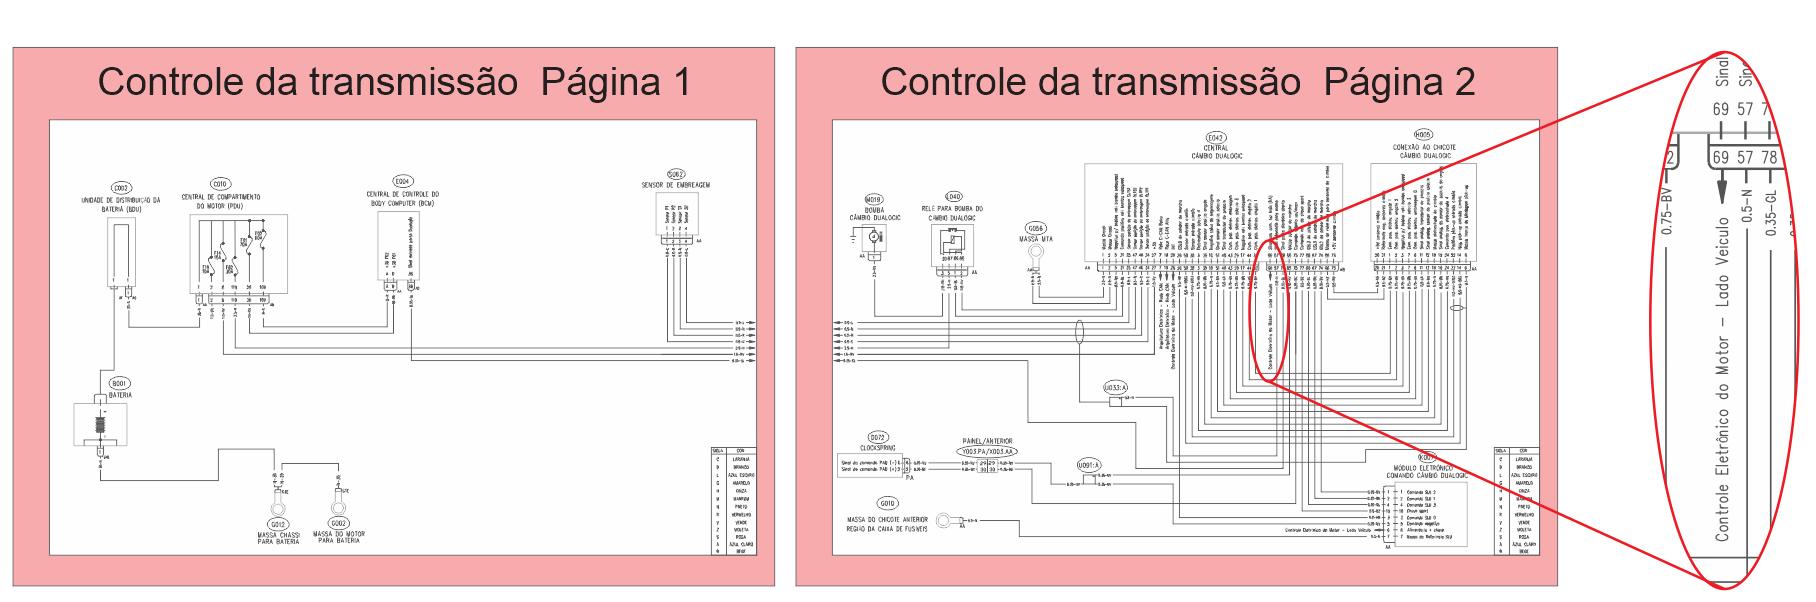 Se o profissional acessou o diagrama do controle da transmissão é porque  provavelmente ele esteja diante de um veículo com um inconveniente nesse  sistema. d91fc5ec615b0